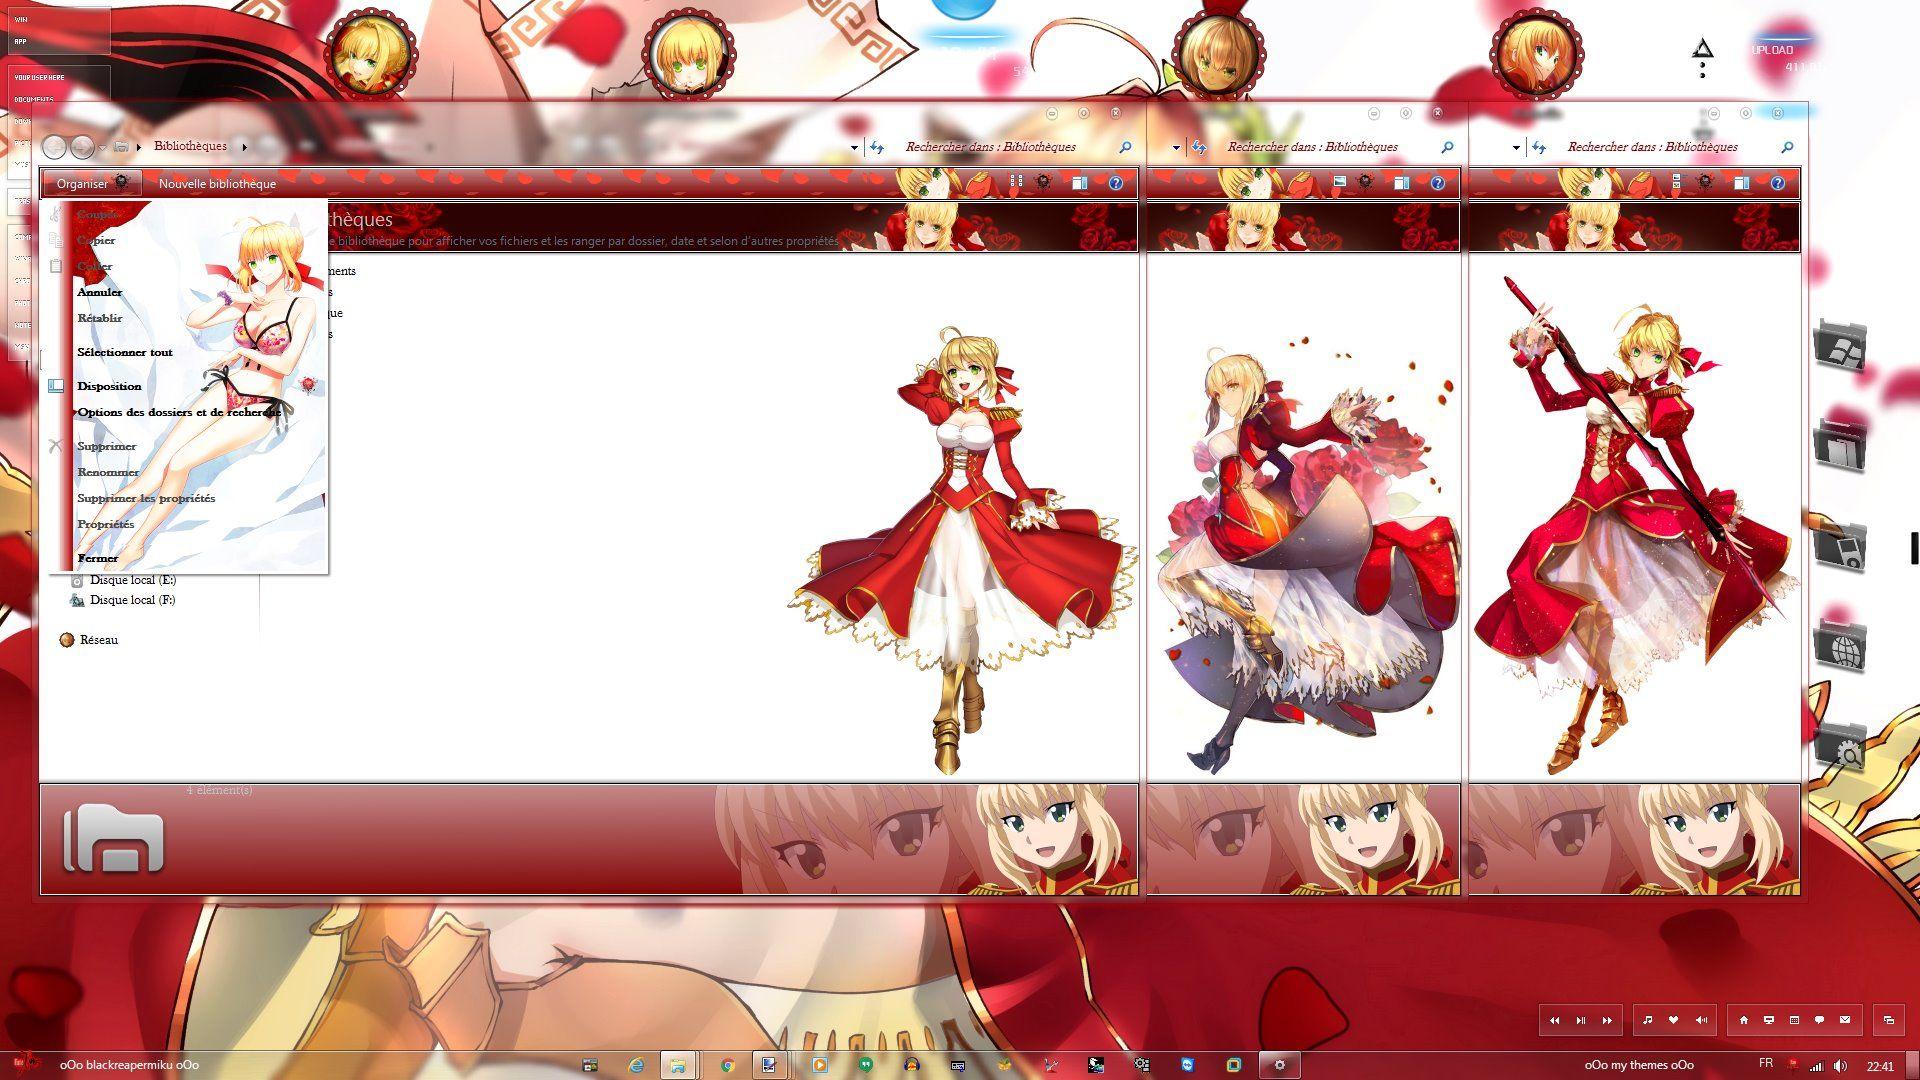 尼禄,Fate/Extra,win7主题,红saber,动漫电脑主题